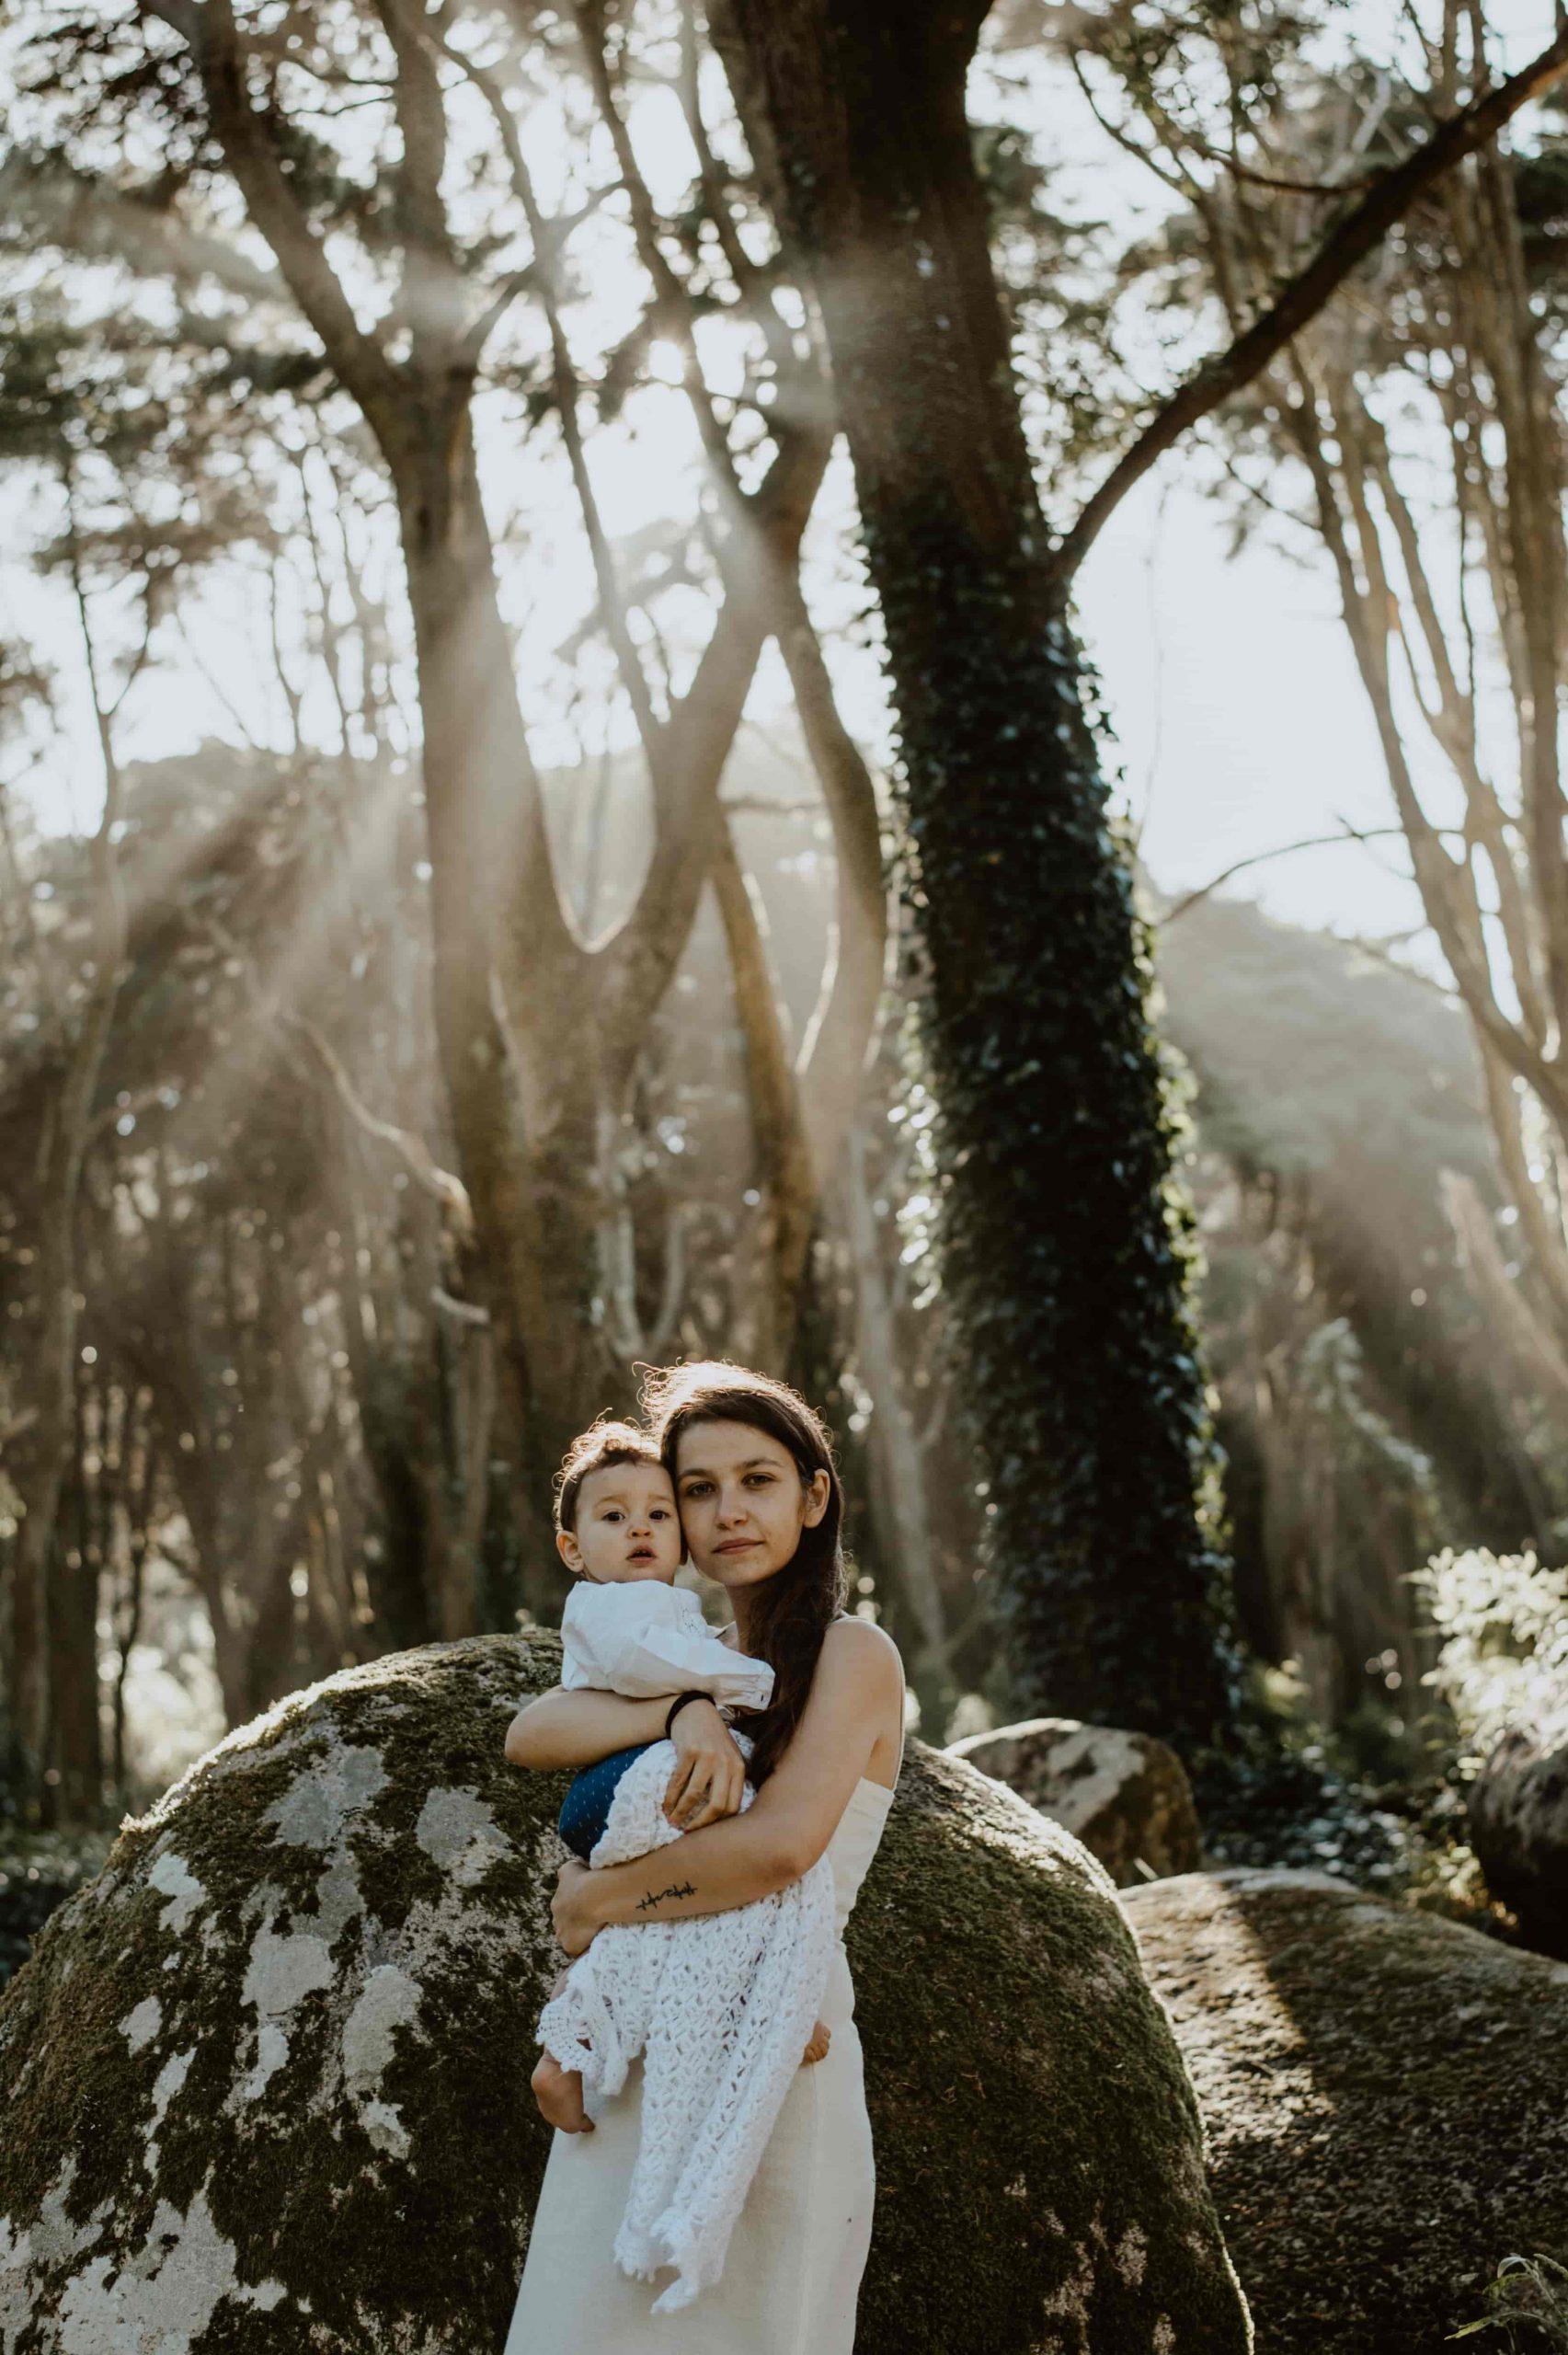 Rita & Joana